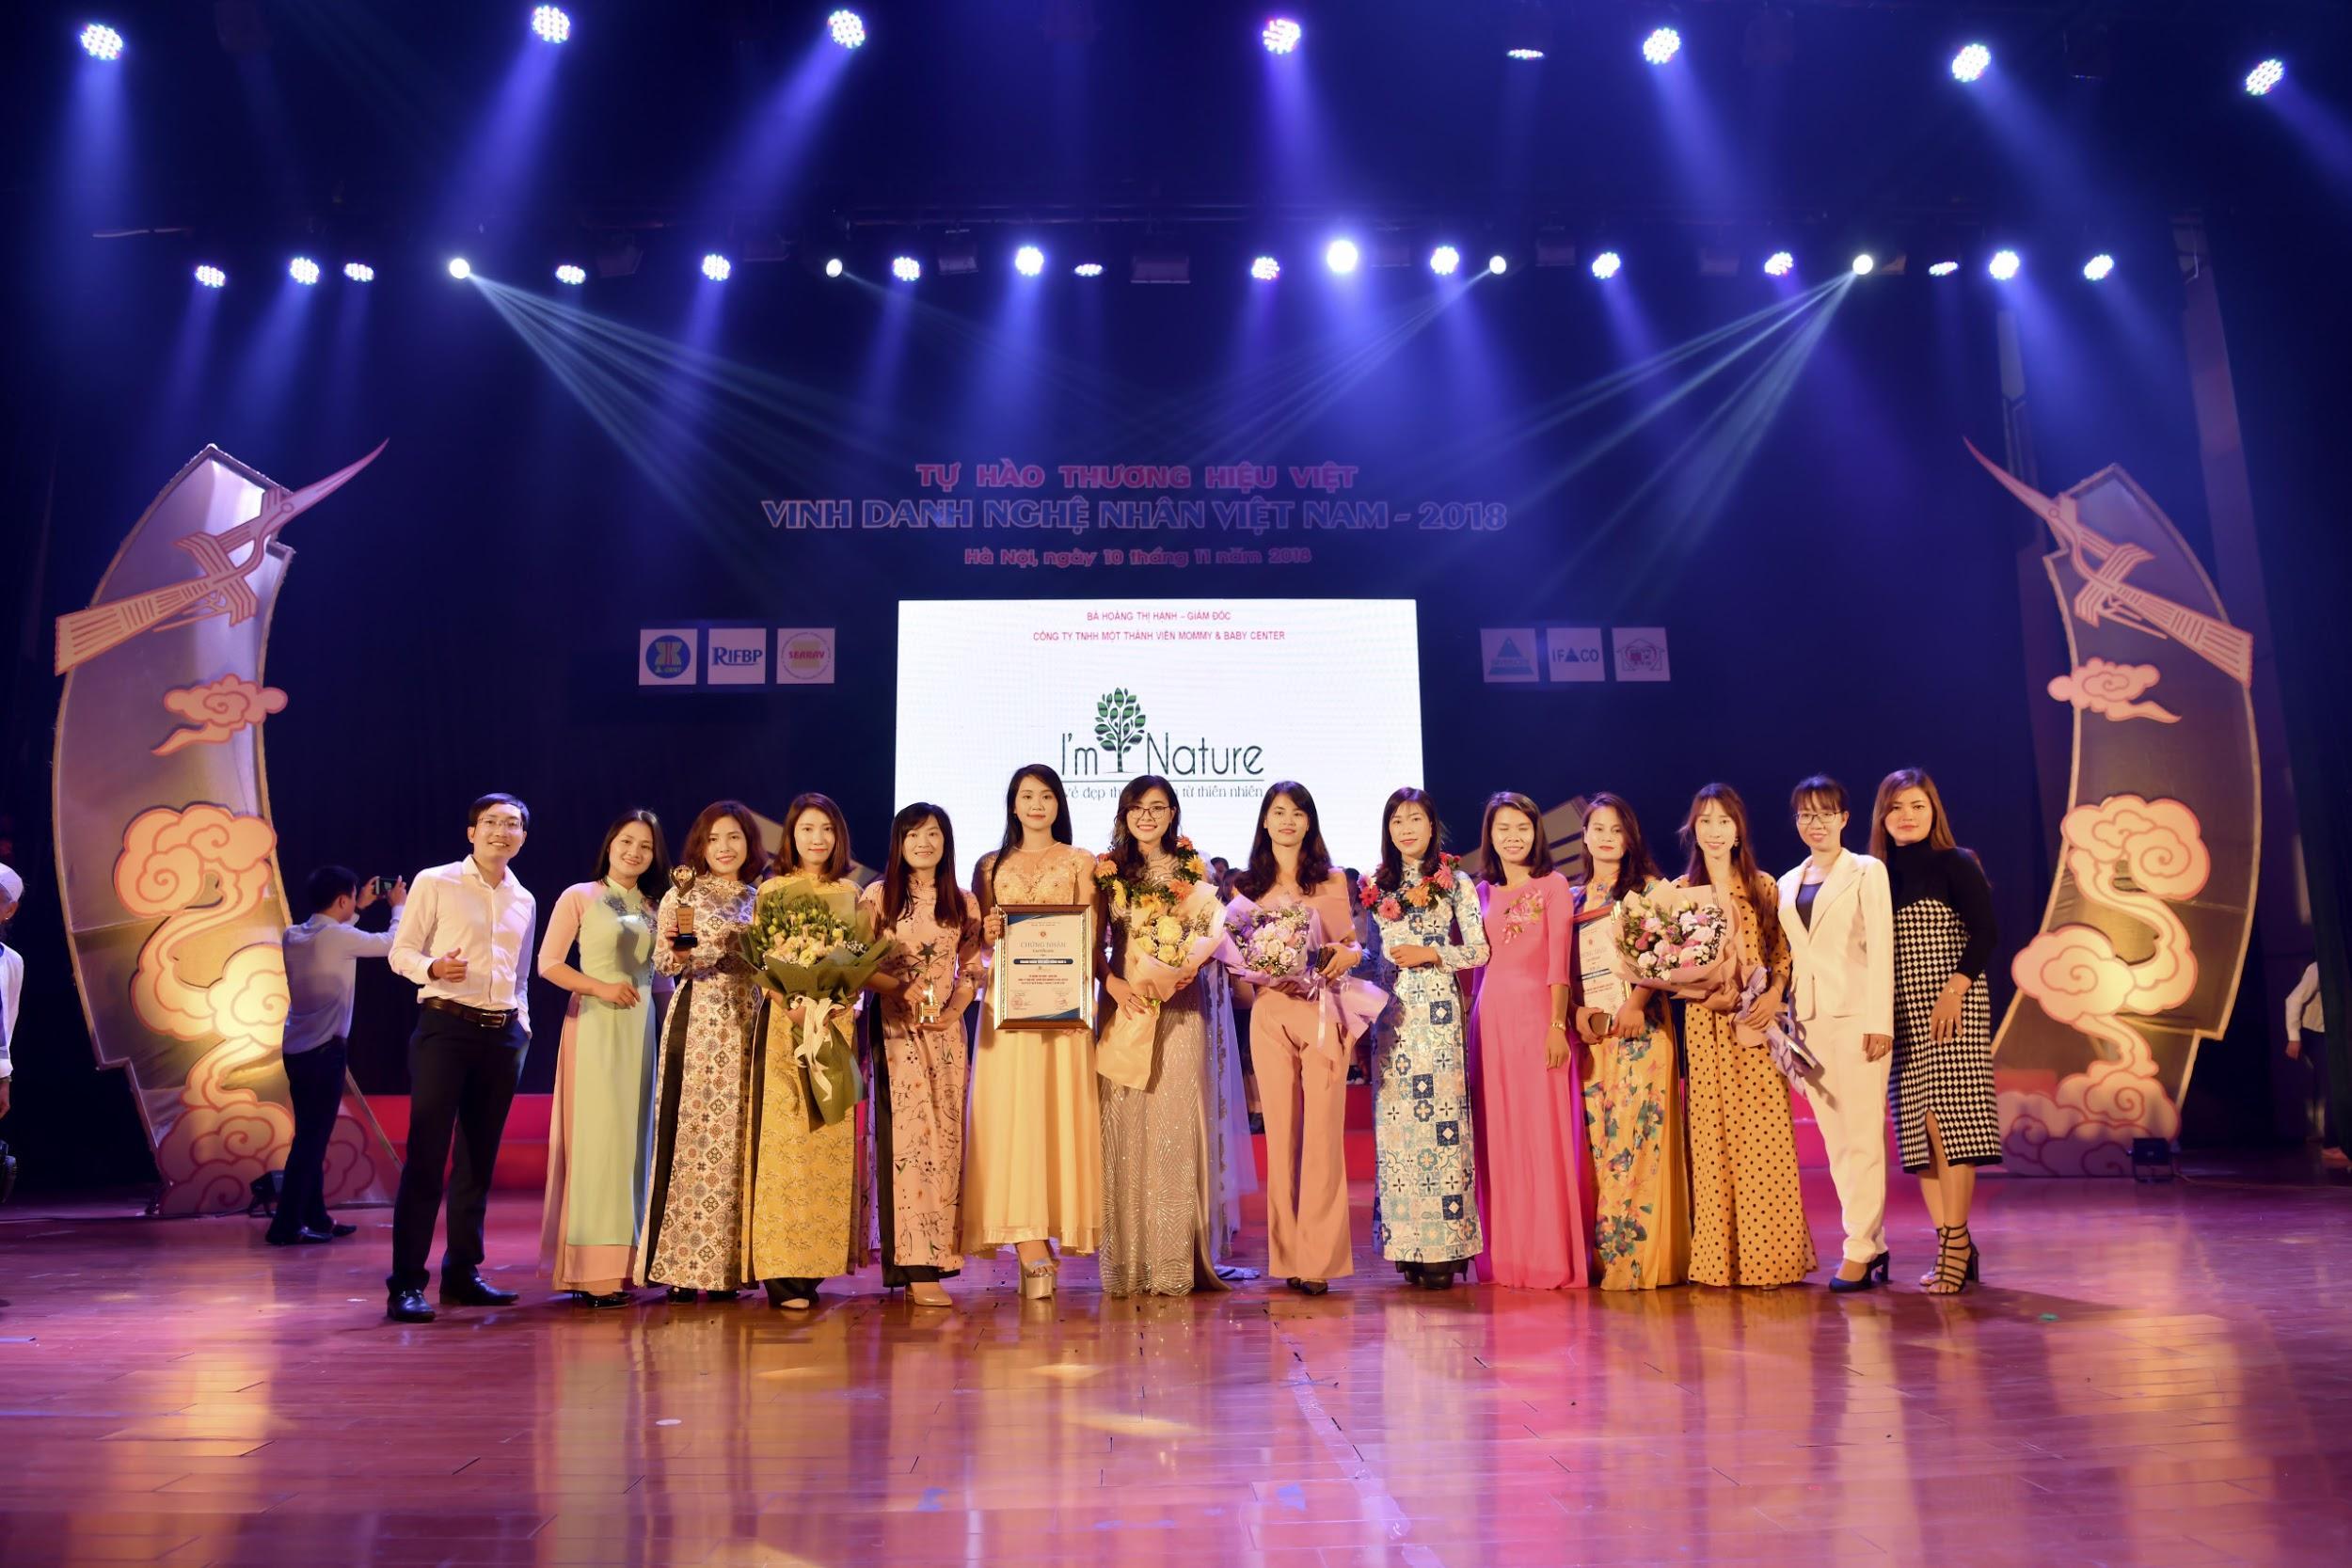 Top 10 Doanh nghiệp tiêu biểu Đông Nam Á xướng tên mỹ phẩm thiên nhiên I 3